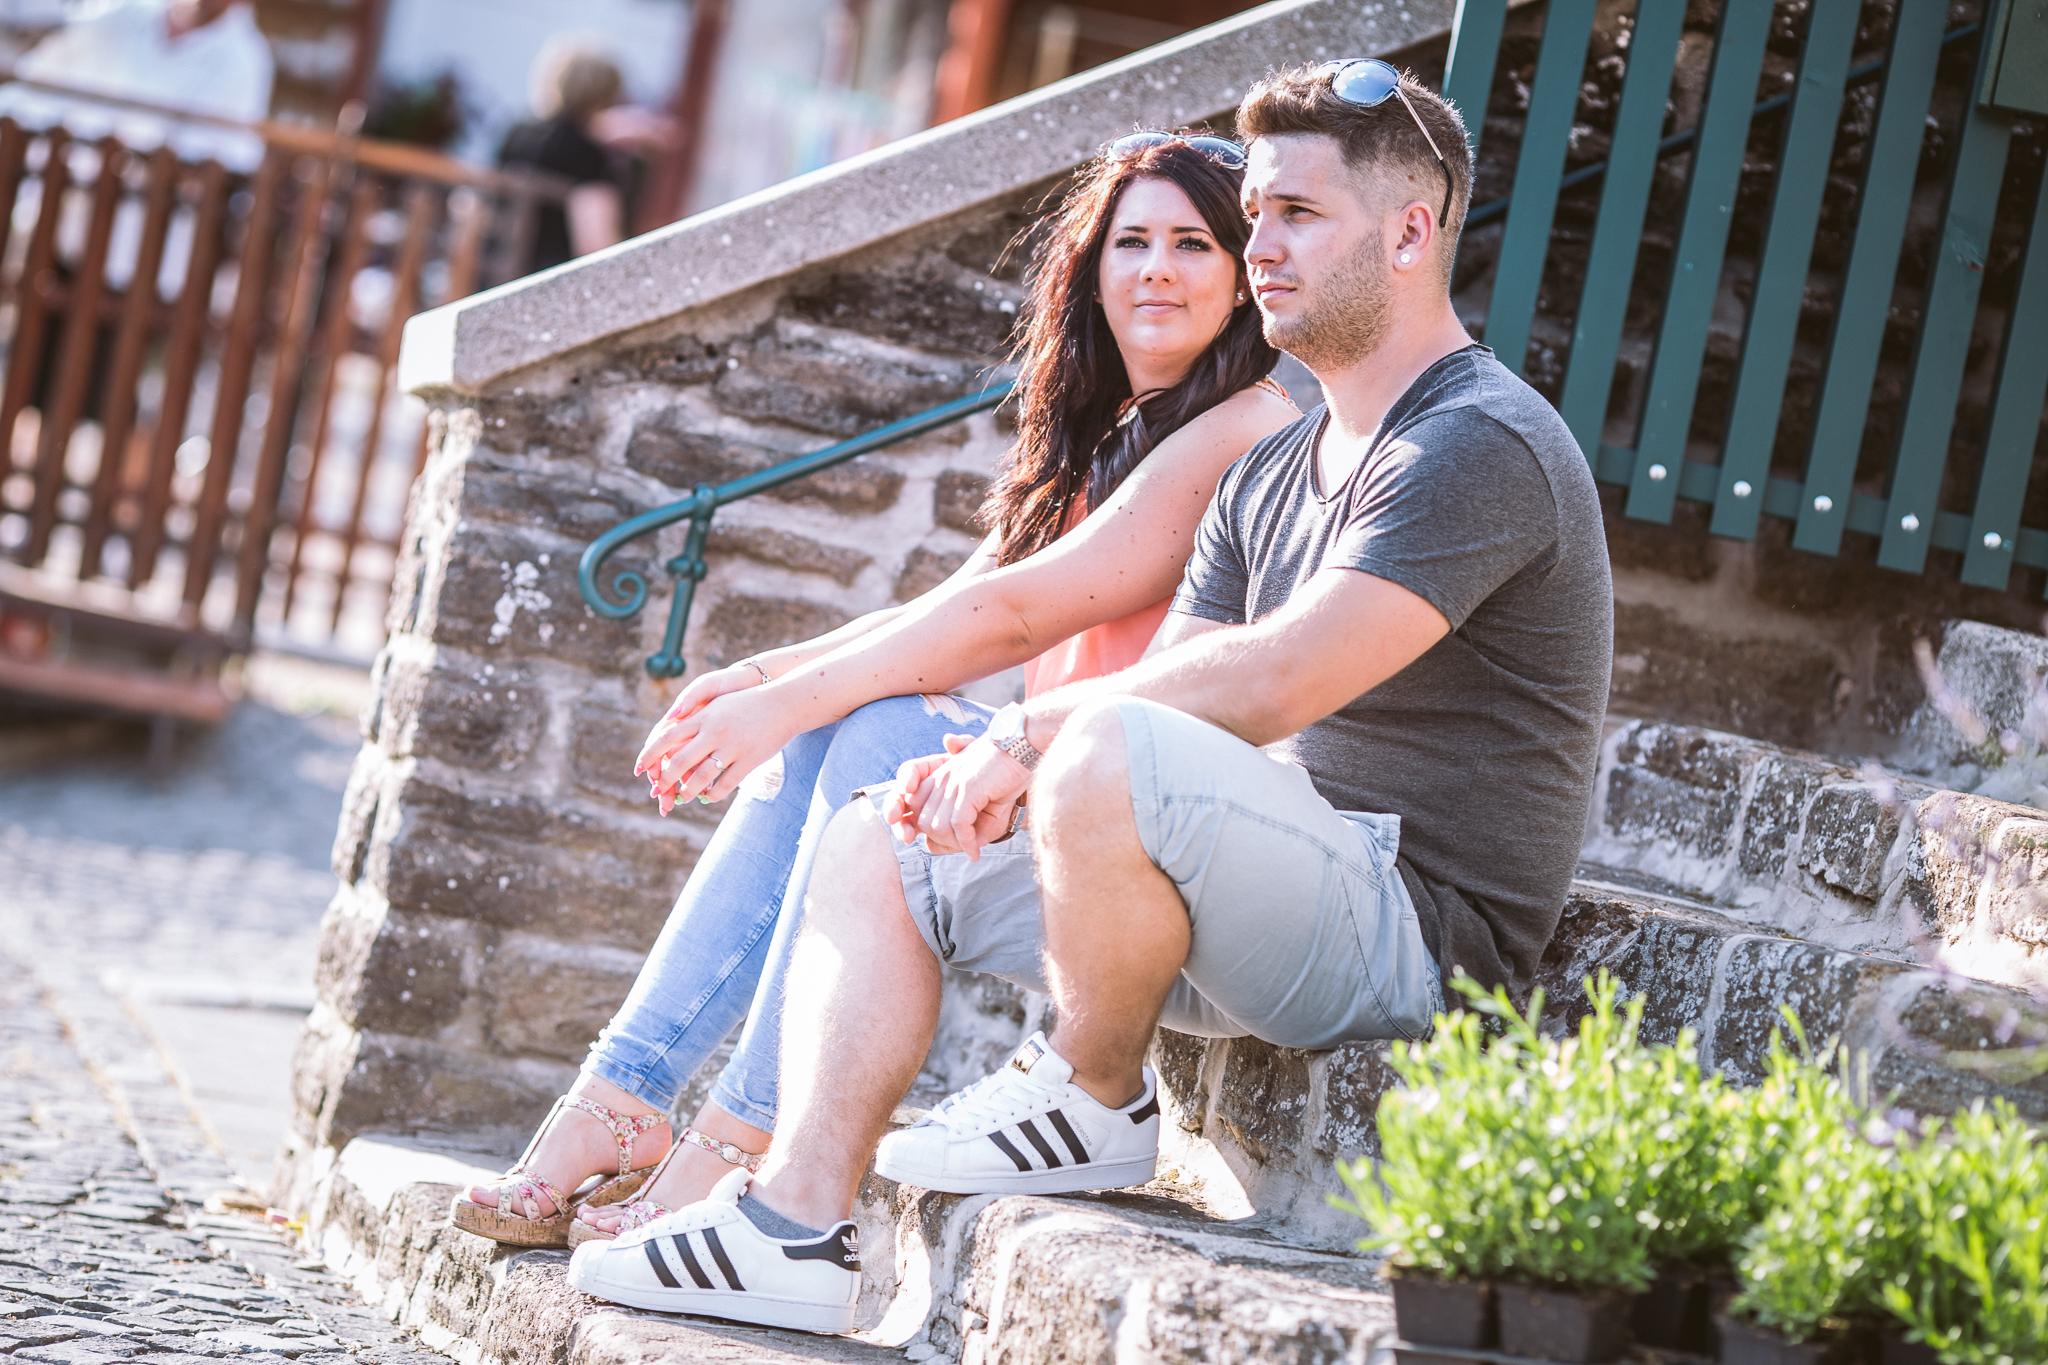 FylepPhoto, esküvőfotózás, magyarország, esküvői fotós, vasmegye, prémium, jegyesfotózás, Fülöp Péter, körmend, kreatív 23.jpg